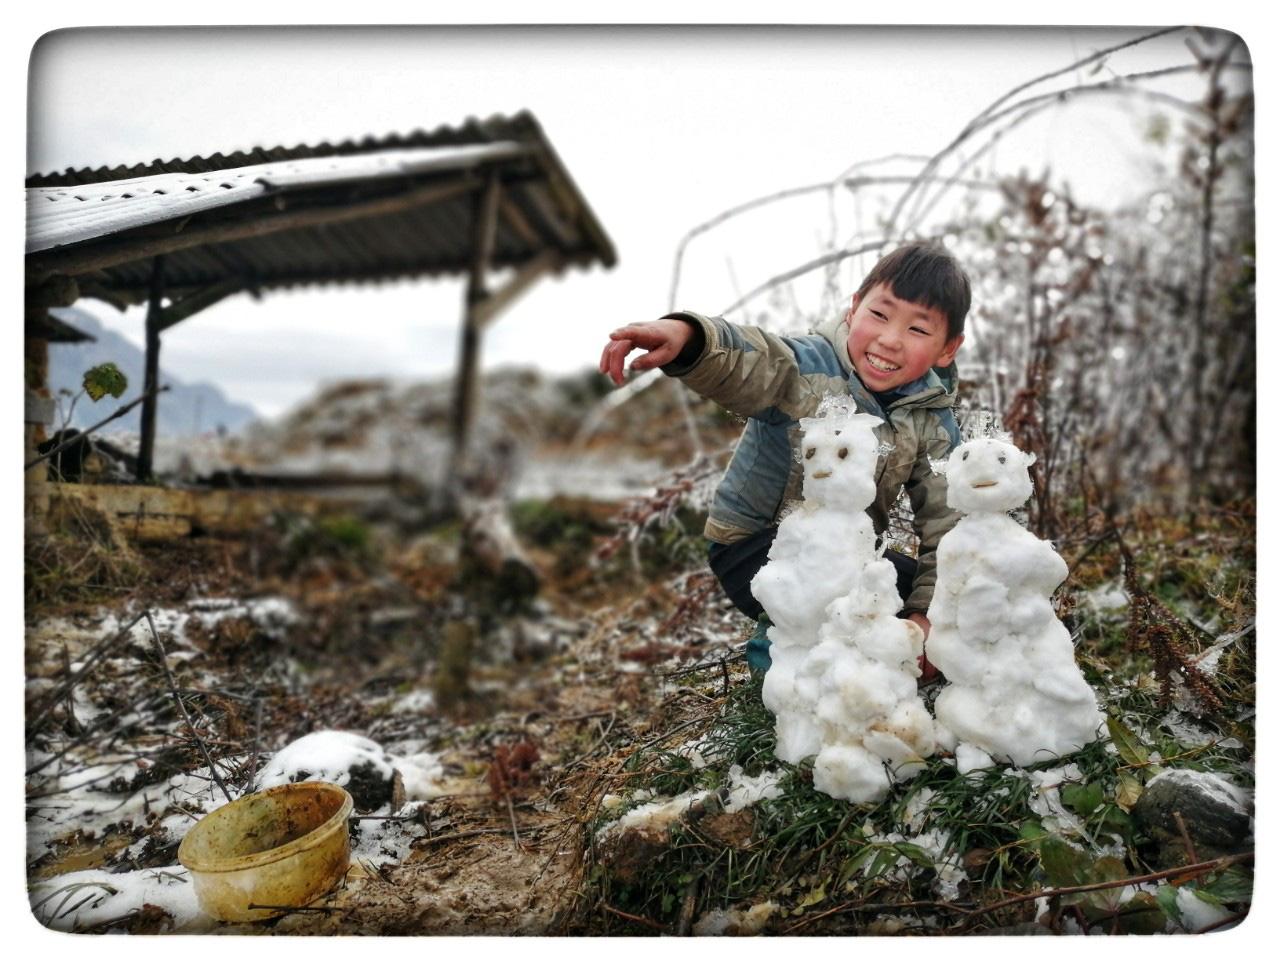 Lào Cai: Lạnh -3 độ C, Y Tý ngày tuyết rơi như chiếc tủ lạnh khổng lồ, đẹp như trời Âu - Ảnh 18.